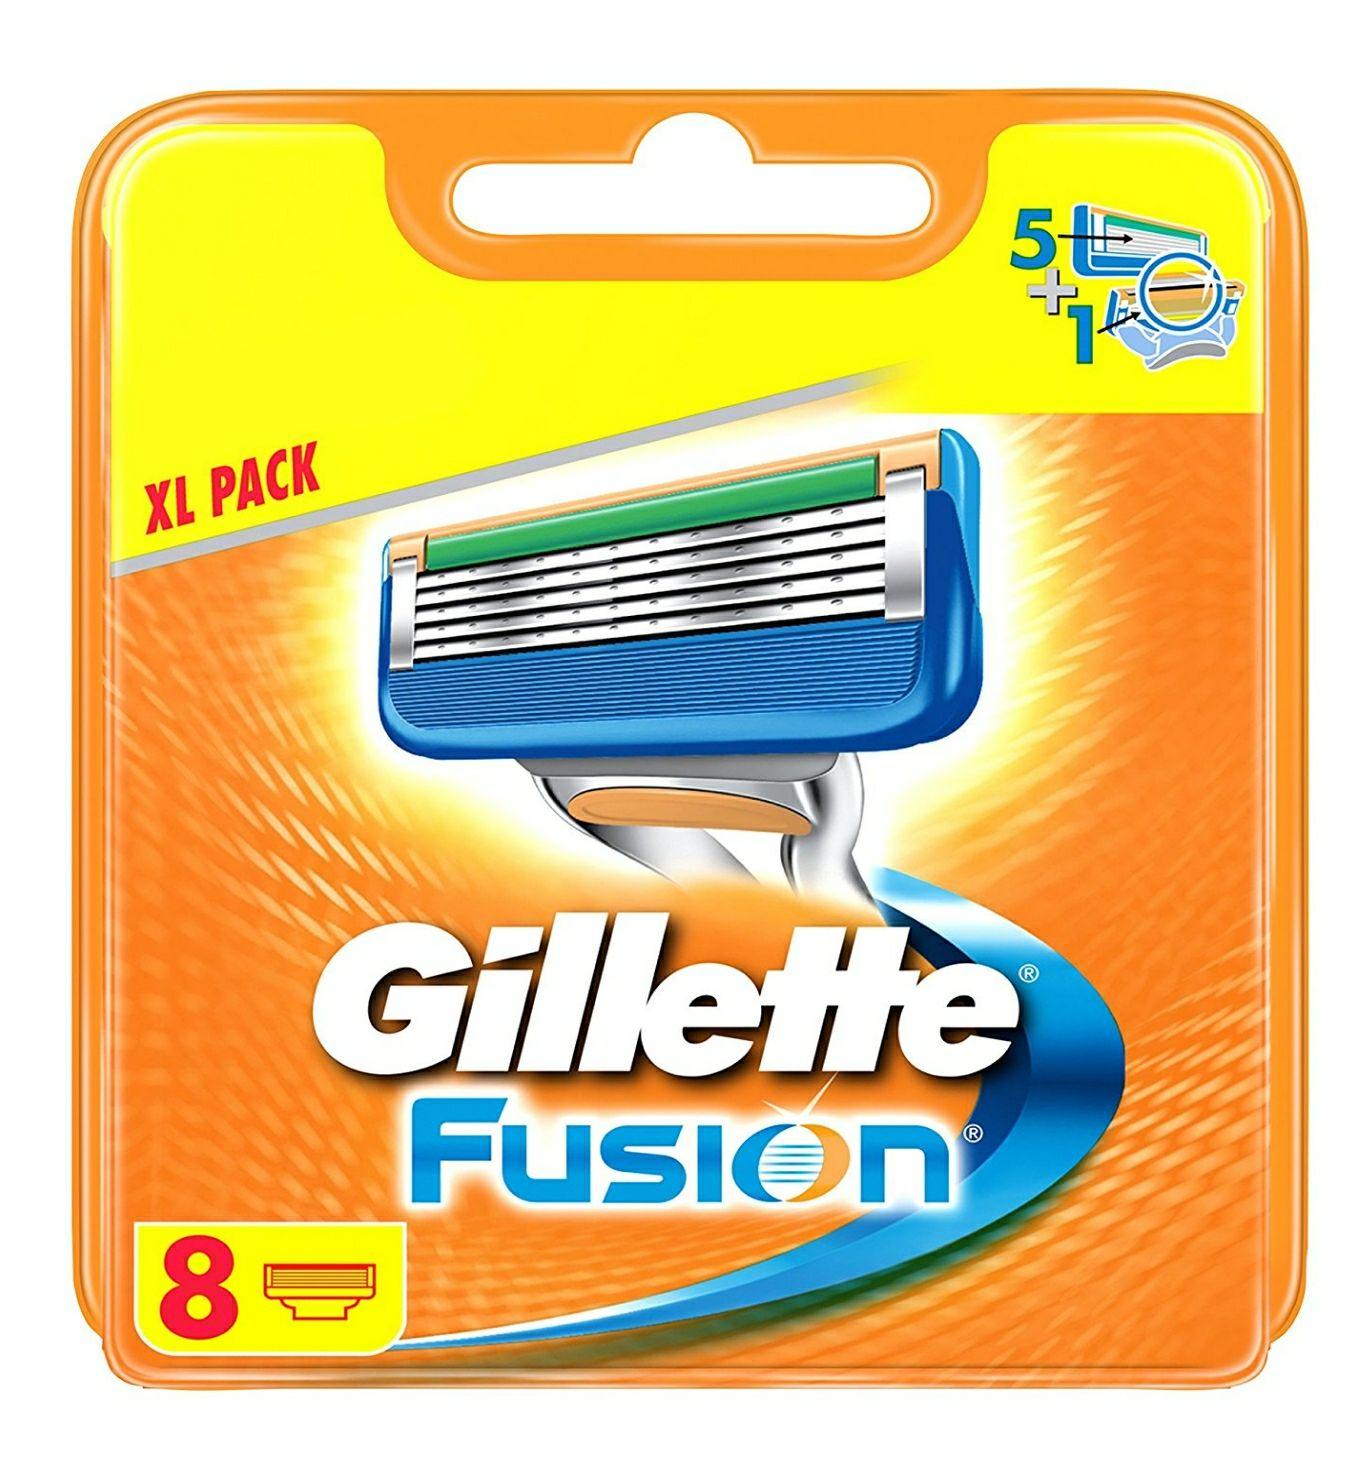 Amazon Prime SparAbo + Rabatt GS Gillette Fusion Rasierklingen (Für Männer) 8 Stück, briefkastenfähige Verpackung